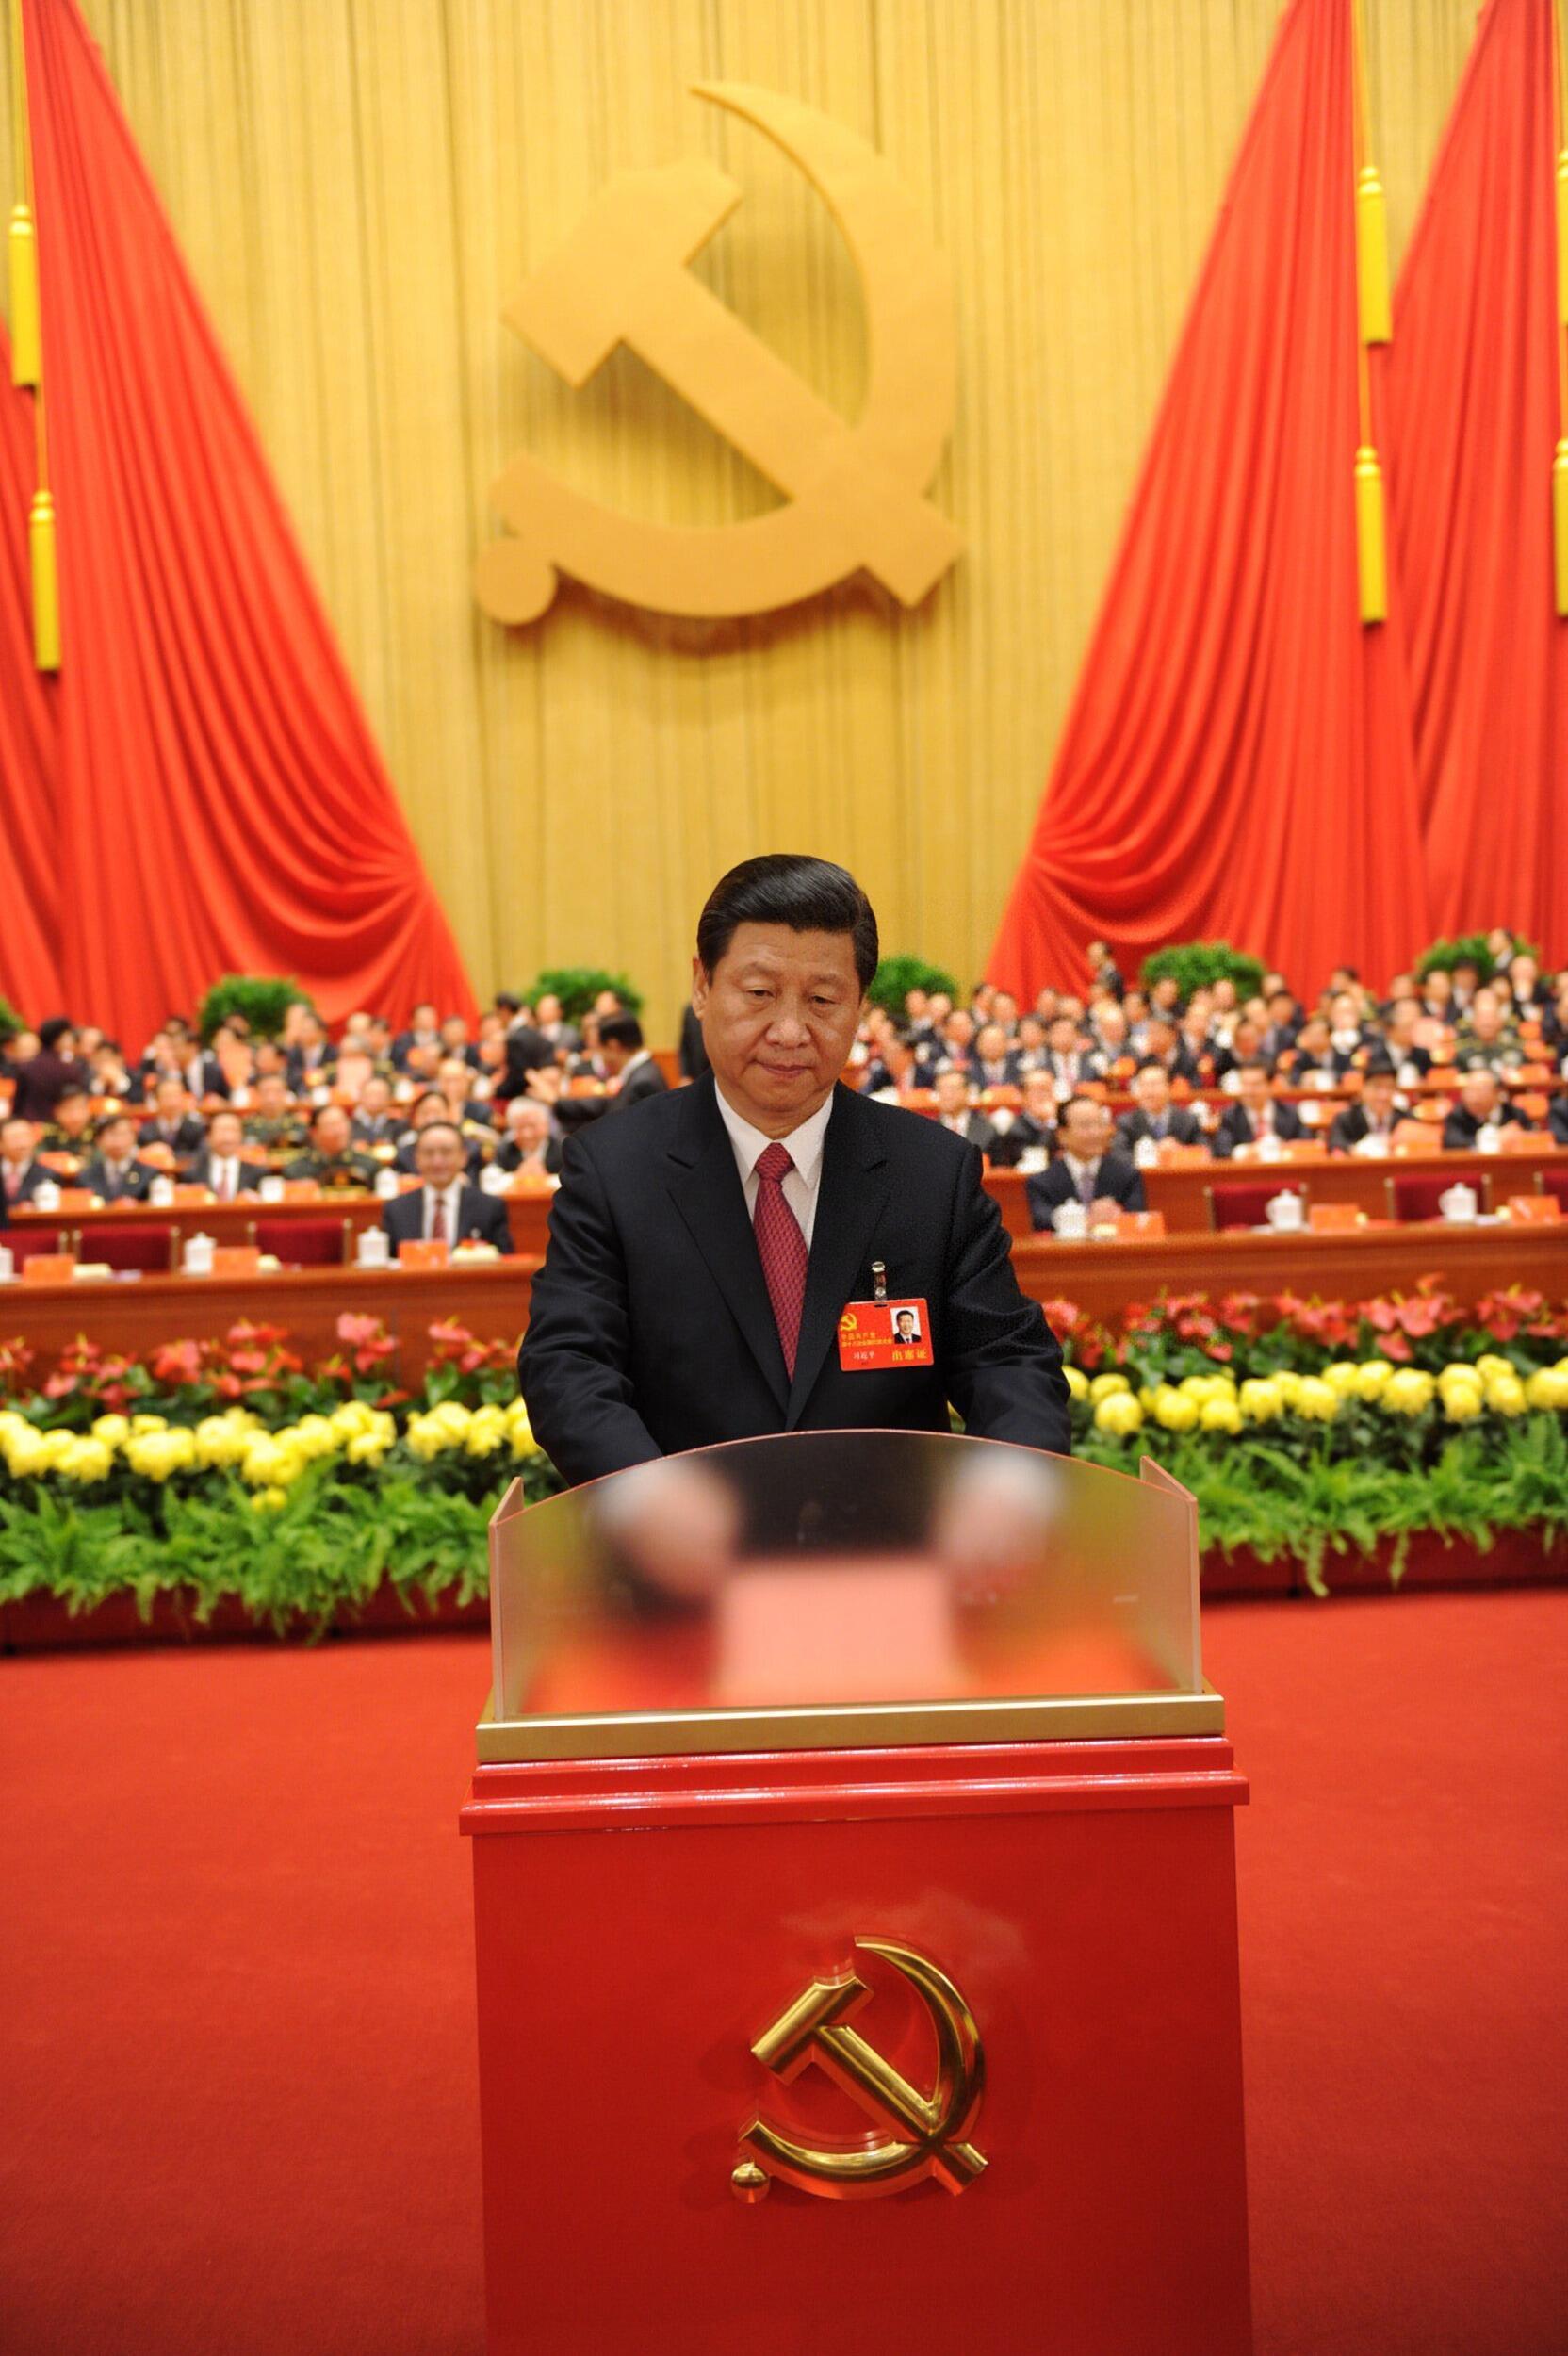 O vice-presidente chinês, Xi Jinping, discursa durante o 18º Congresso do Partido Comunista da China, que terminou em Pequim nesta quarta-feira.